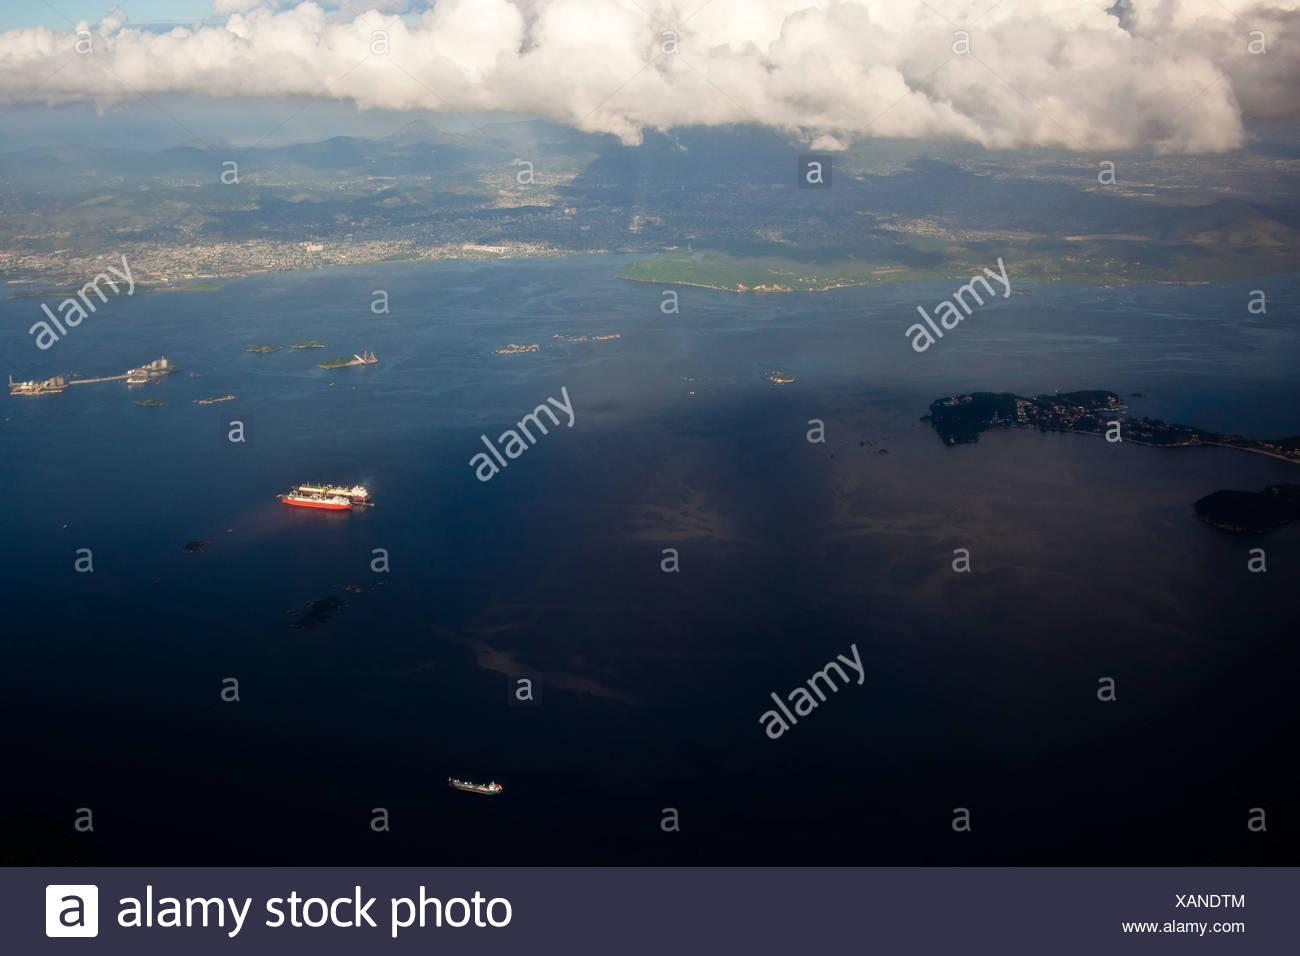 Derrame de petróleo cerca de la isla de Paqueta La Bahía de Guanabara, Río de Janeiro, Brasil la degradación ambiental contaminación del agua Imagen De Stock